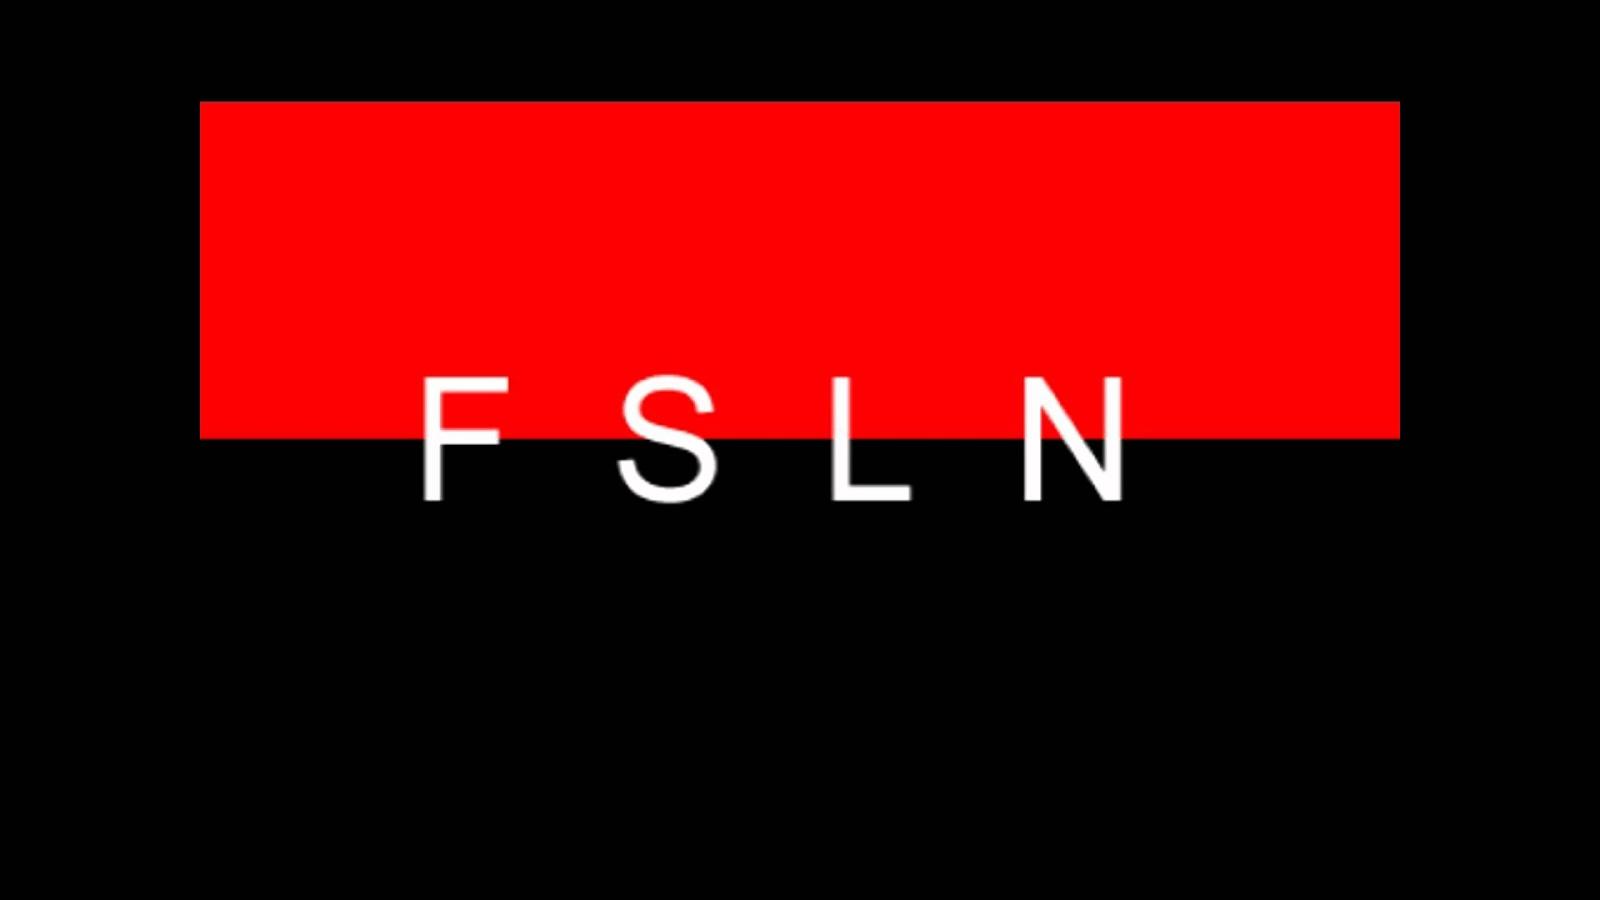 Significado de la bandera de nicaragua